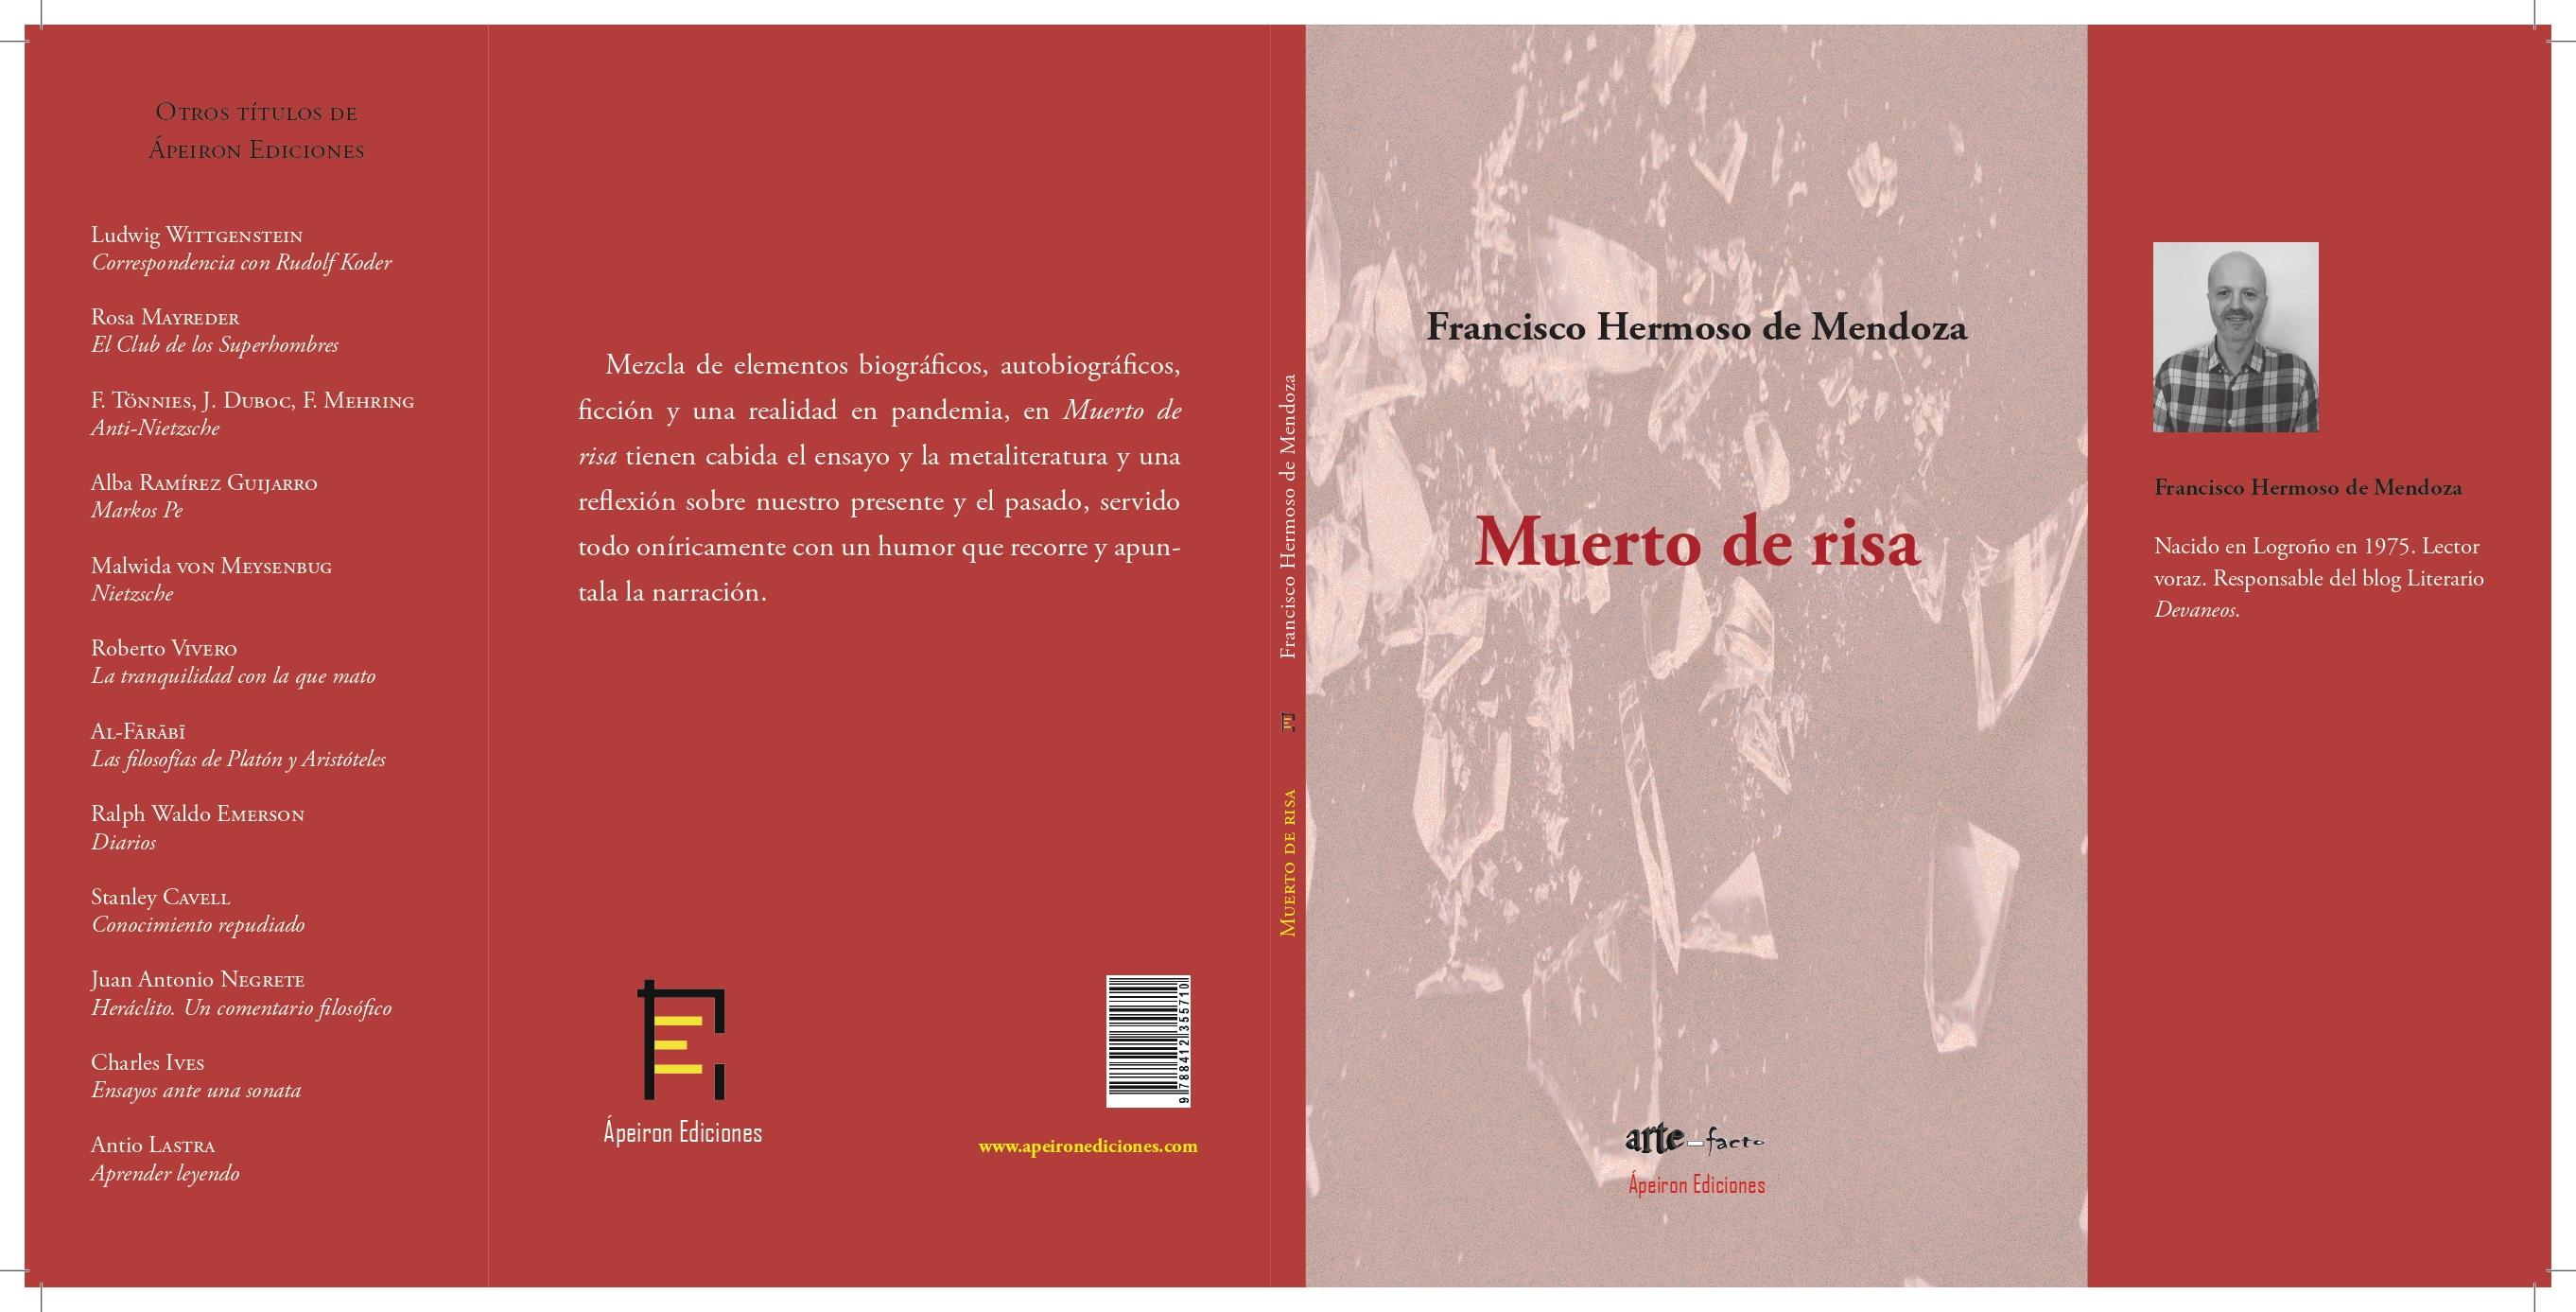 Muerto de risa (Francisco Hermoso de Mendoza)